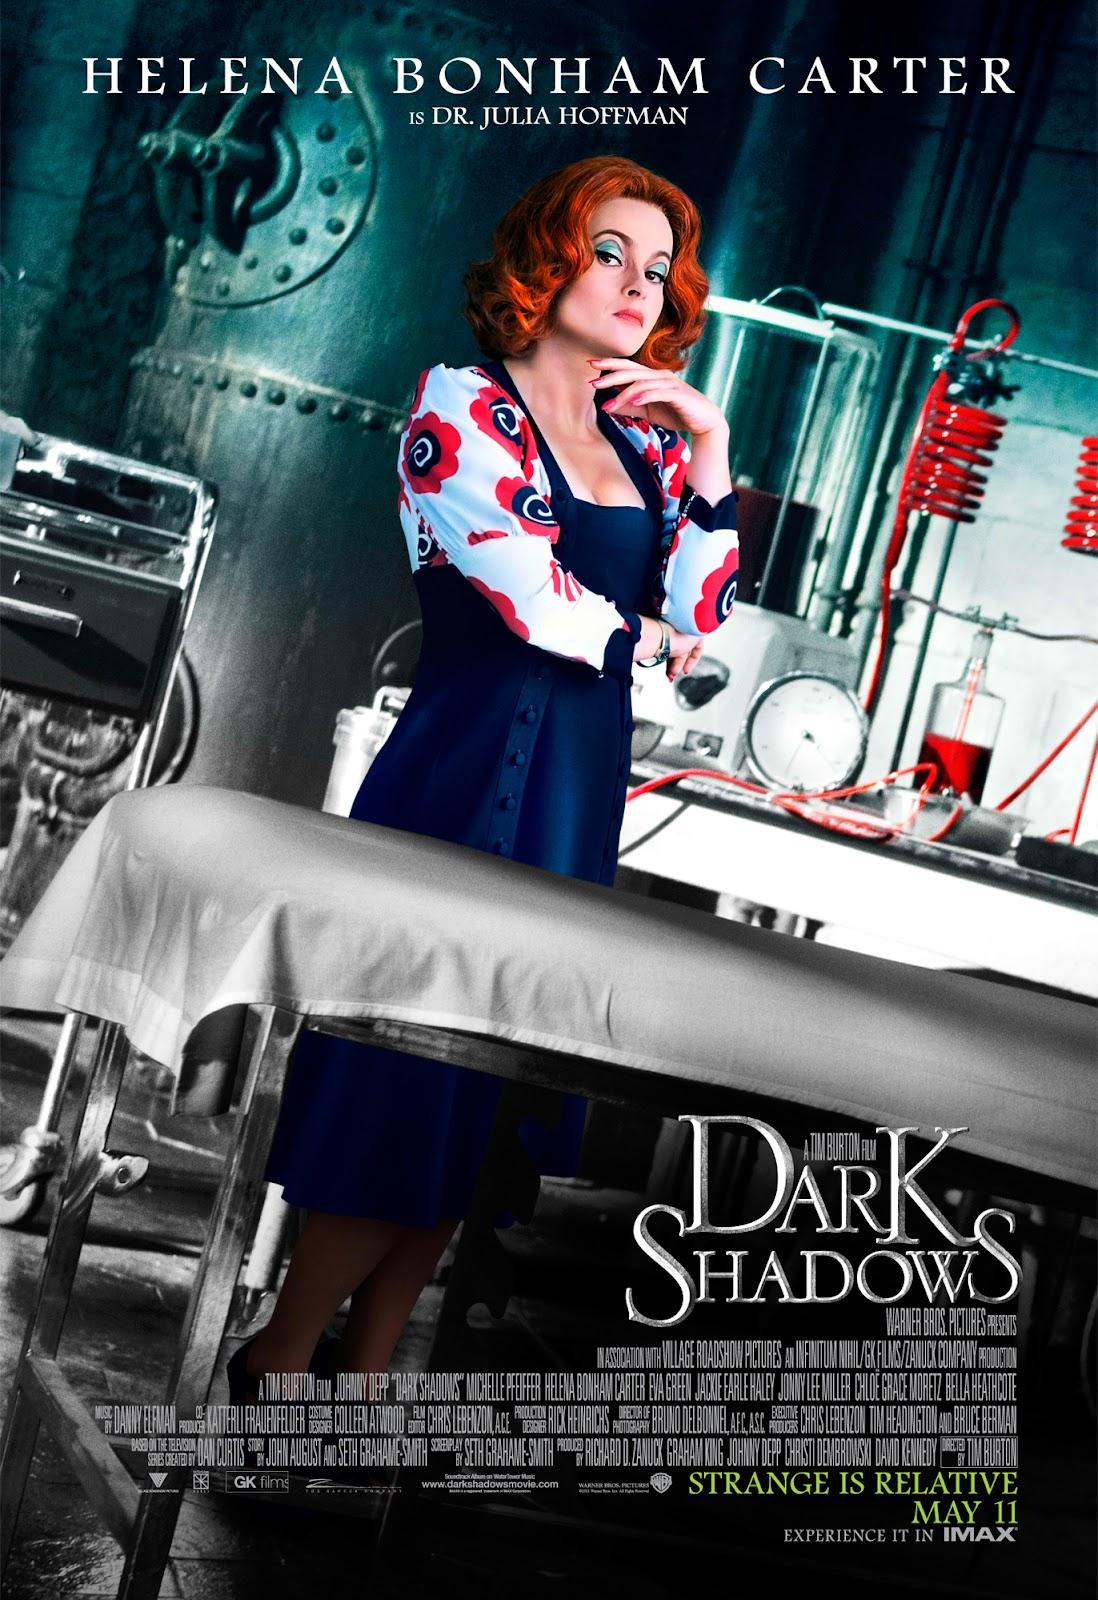 http://4.bp.blogspot.com/-aT-9GhukTWk/T3RCrUmGHMI/AAAAAAAAm5w/OWQquMmVtXk/s1600/dark-shadows-character-poster-helena-bonham-carter.jpg